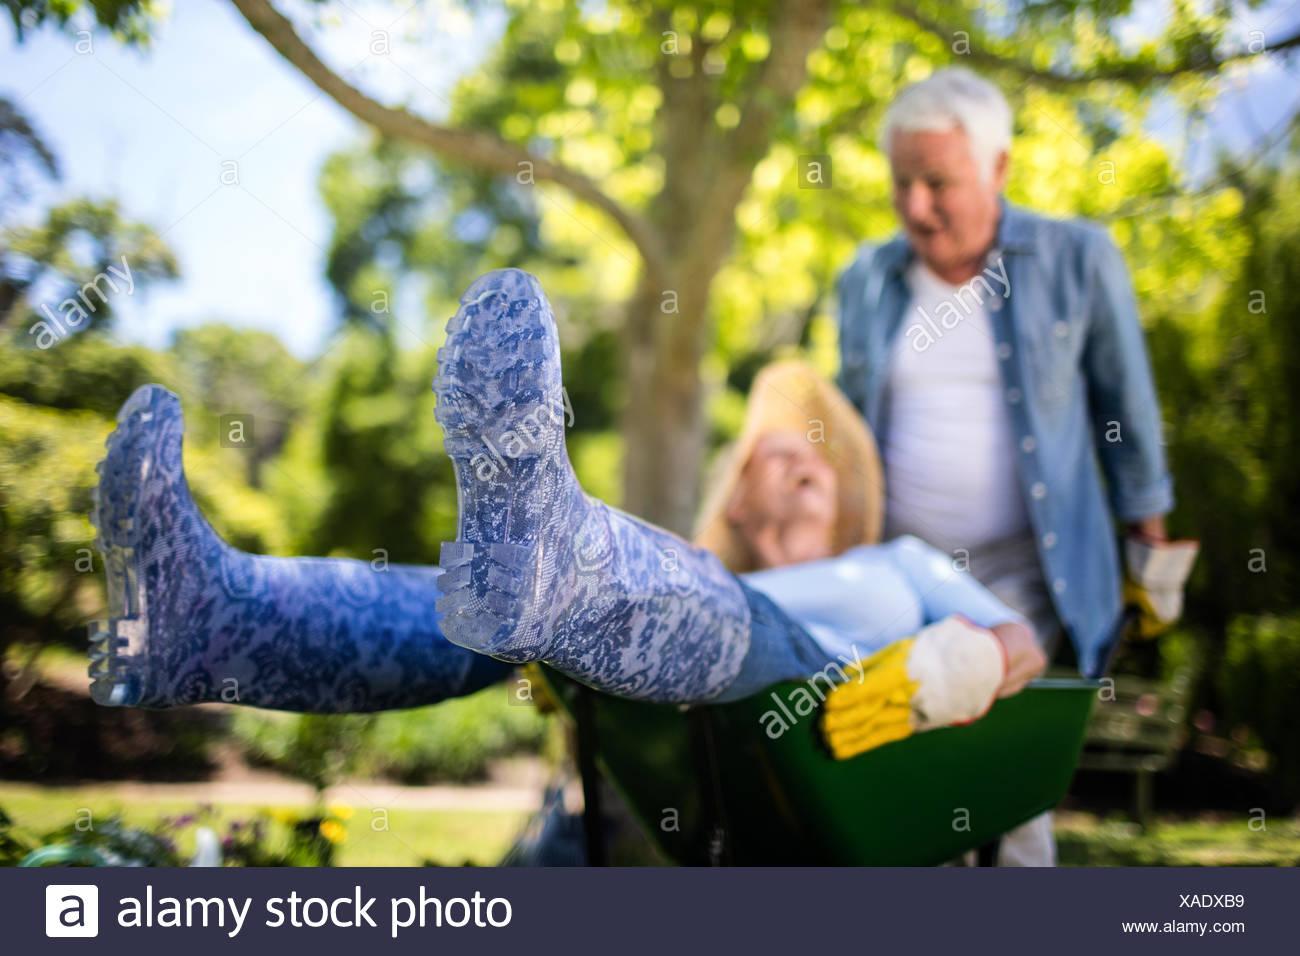 Las parejas ancianas jugando con una carretilla de mano Imagen De Stock